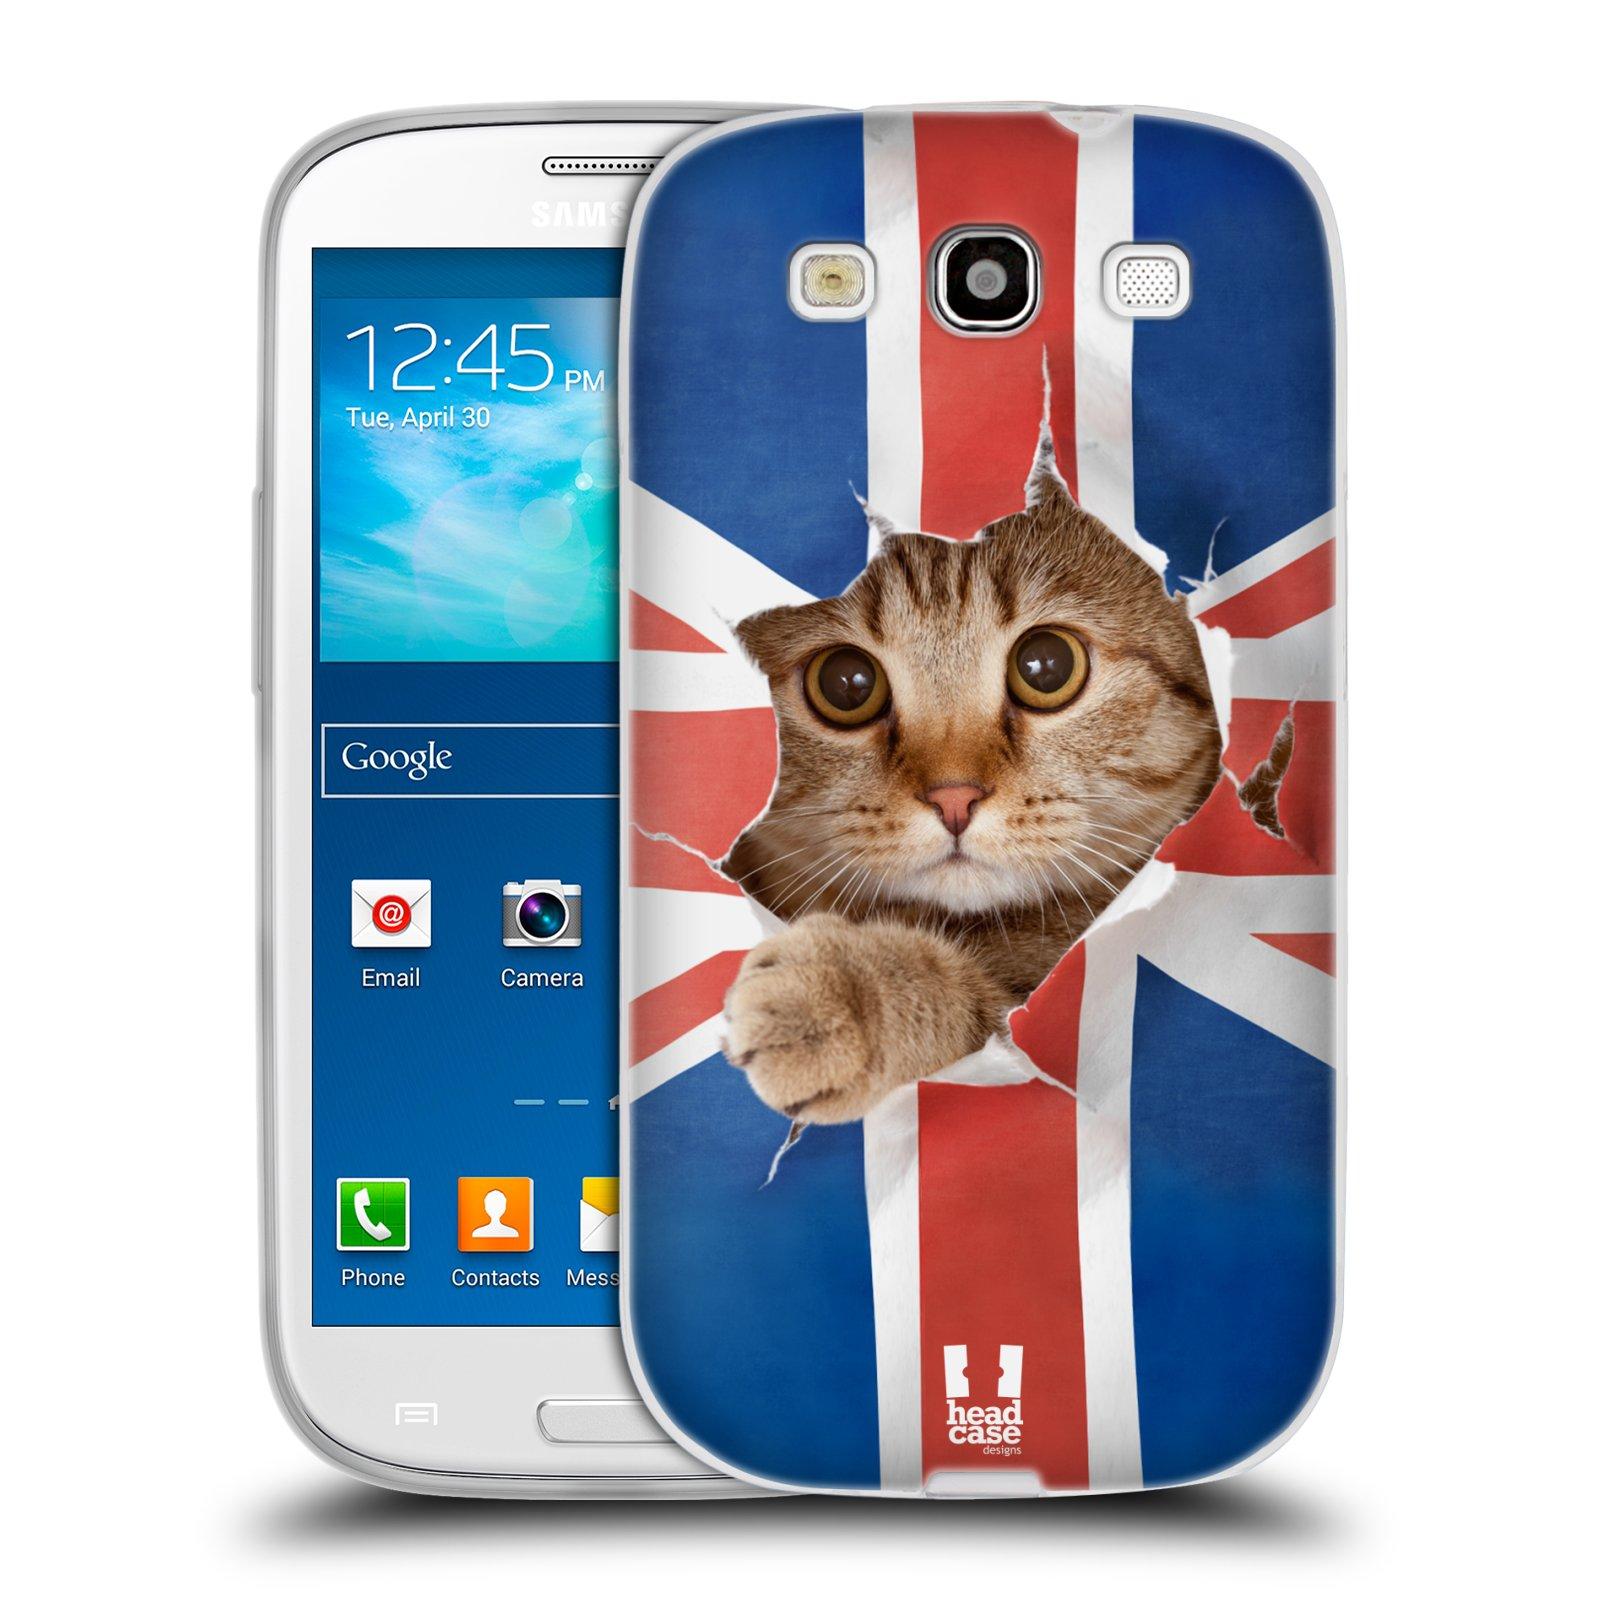 HEAD CASE silikonový obal na mobil Samsung Galaxy S3 i9300 vzor Legrační zvířátka kočička a Velká Británie vlajka